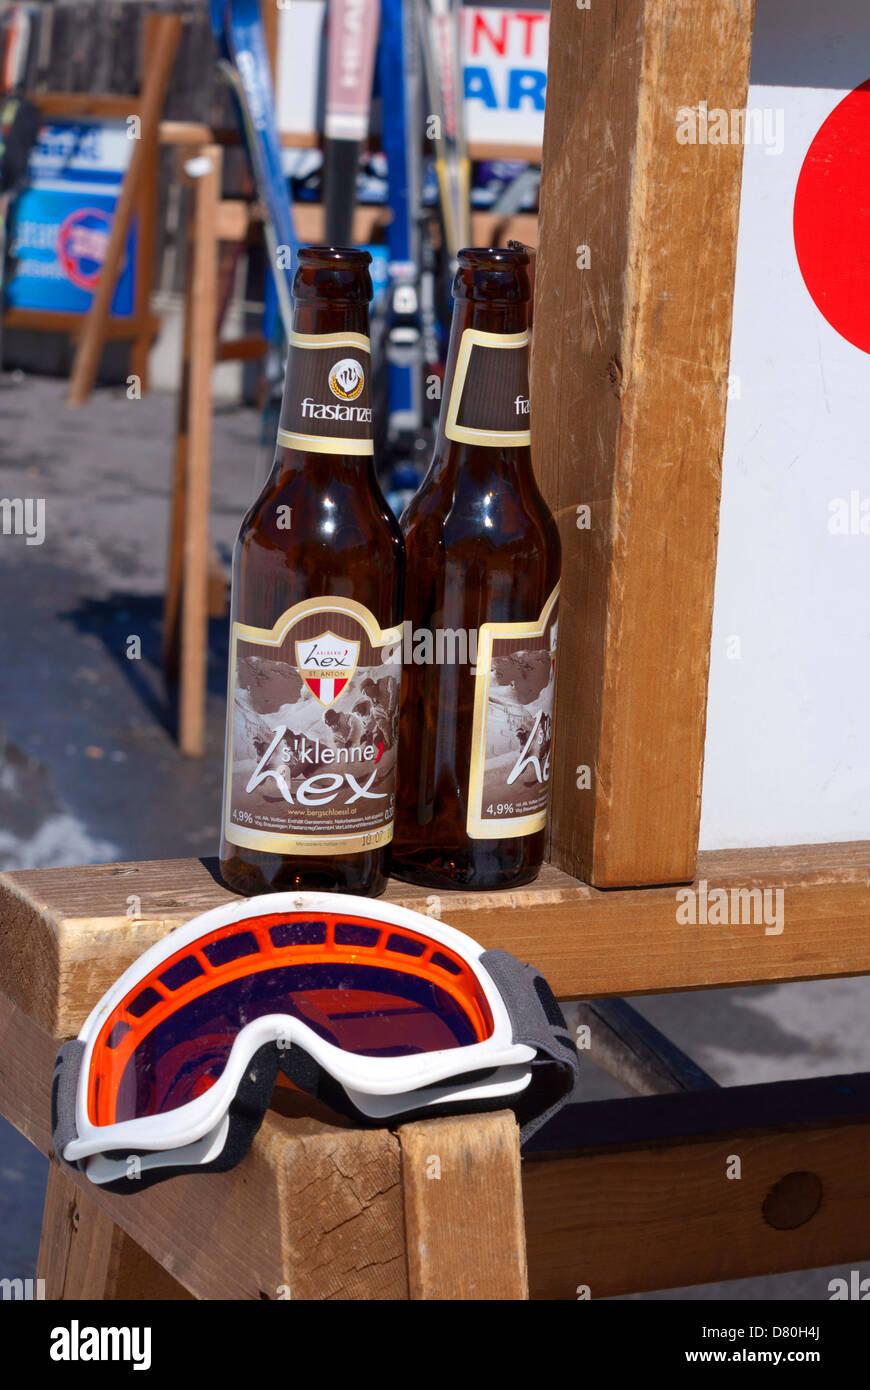 Maschere da sci e bottiglie di birra Immagini Stock